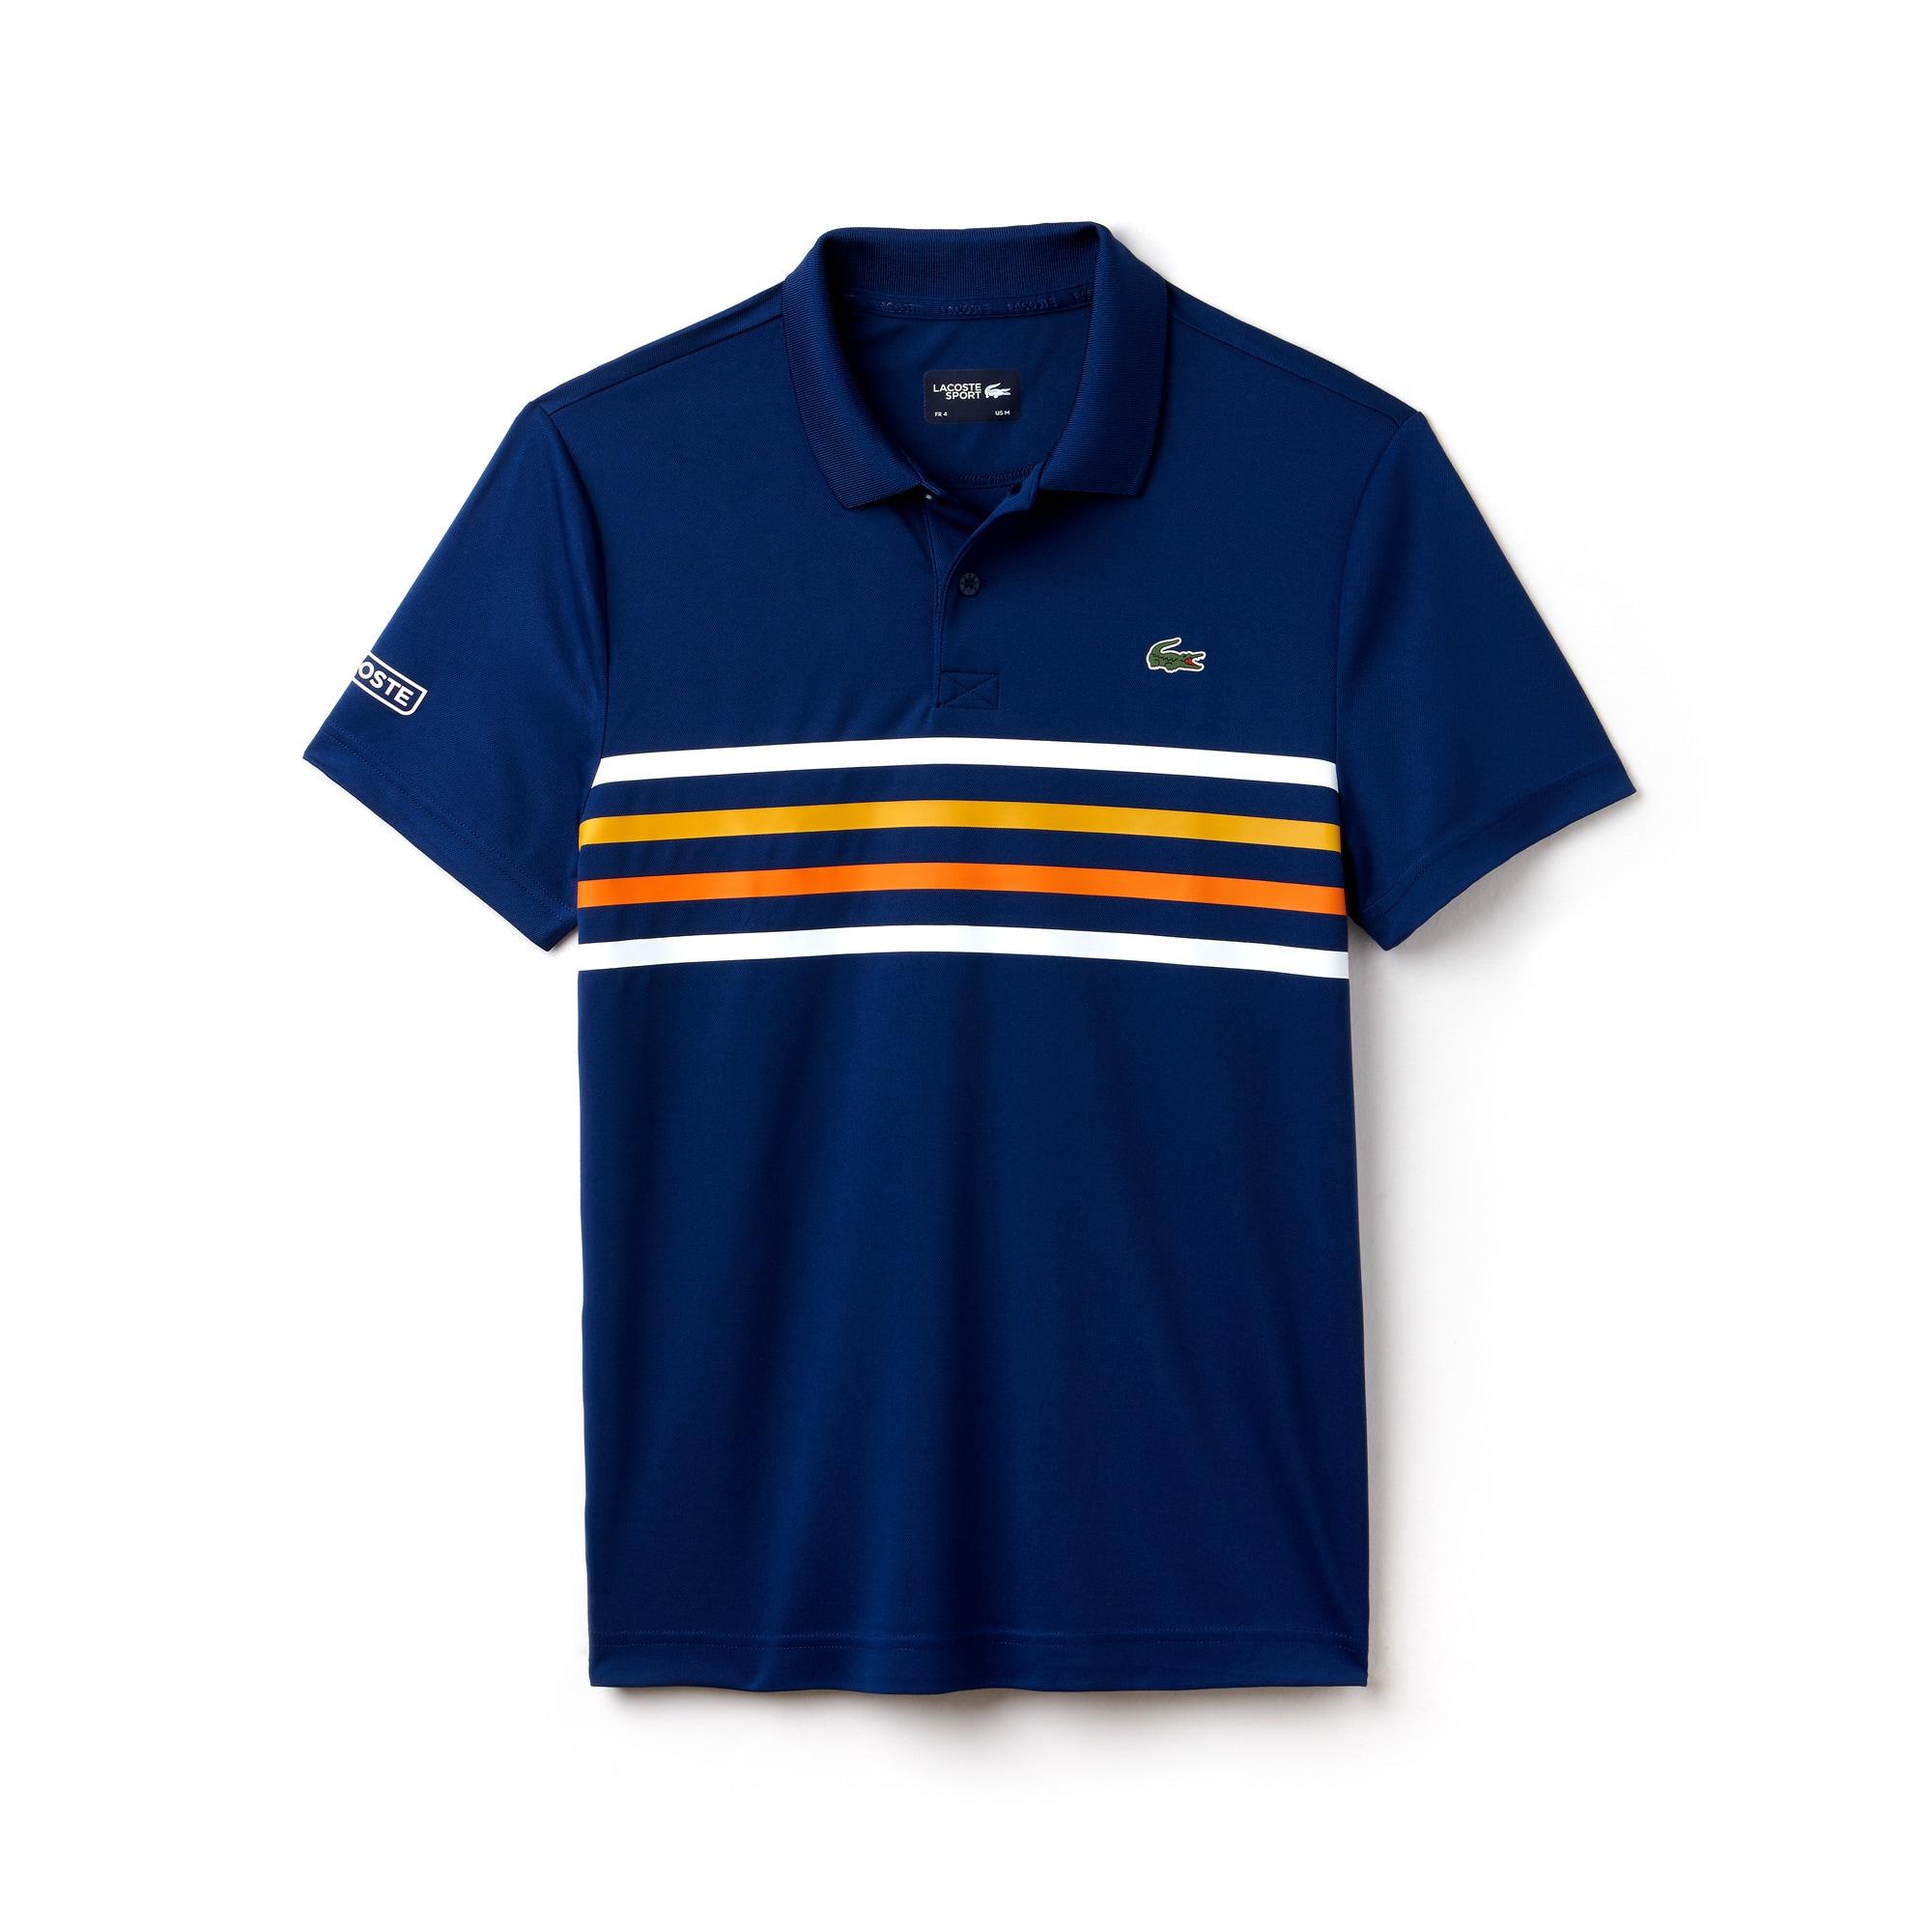 Men's Lacoste SPORT Colored Bands Technical Piqué Tennis Polo Shirt